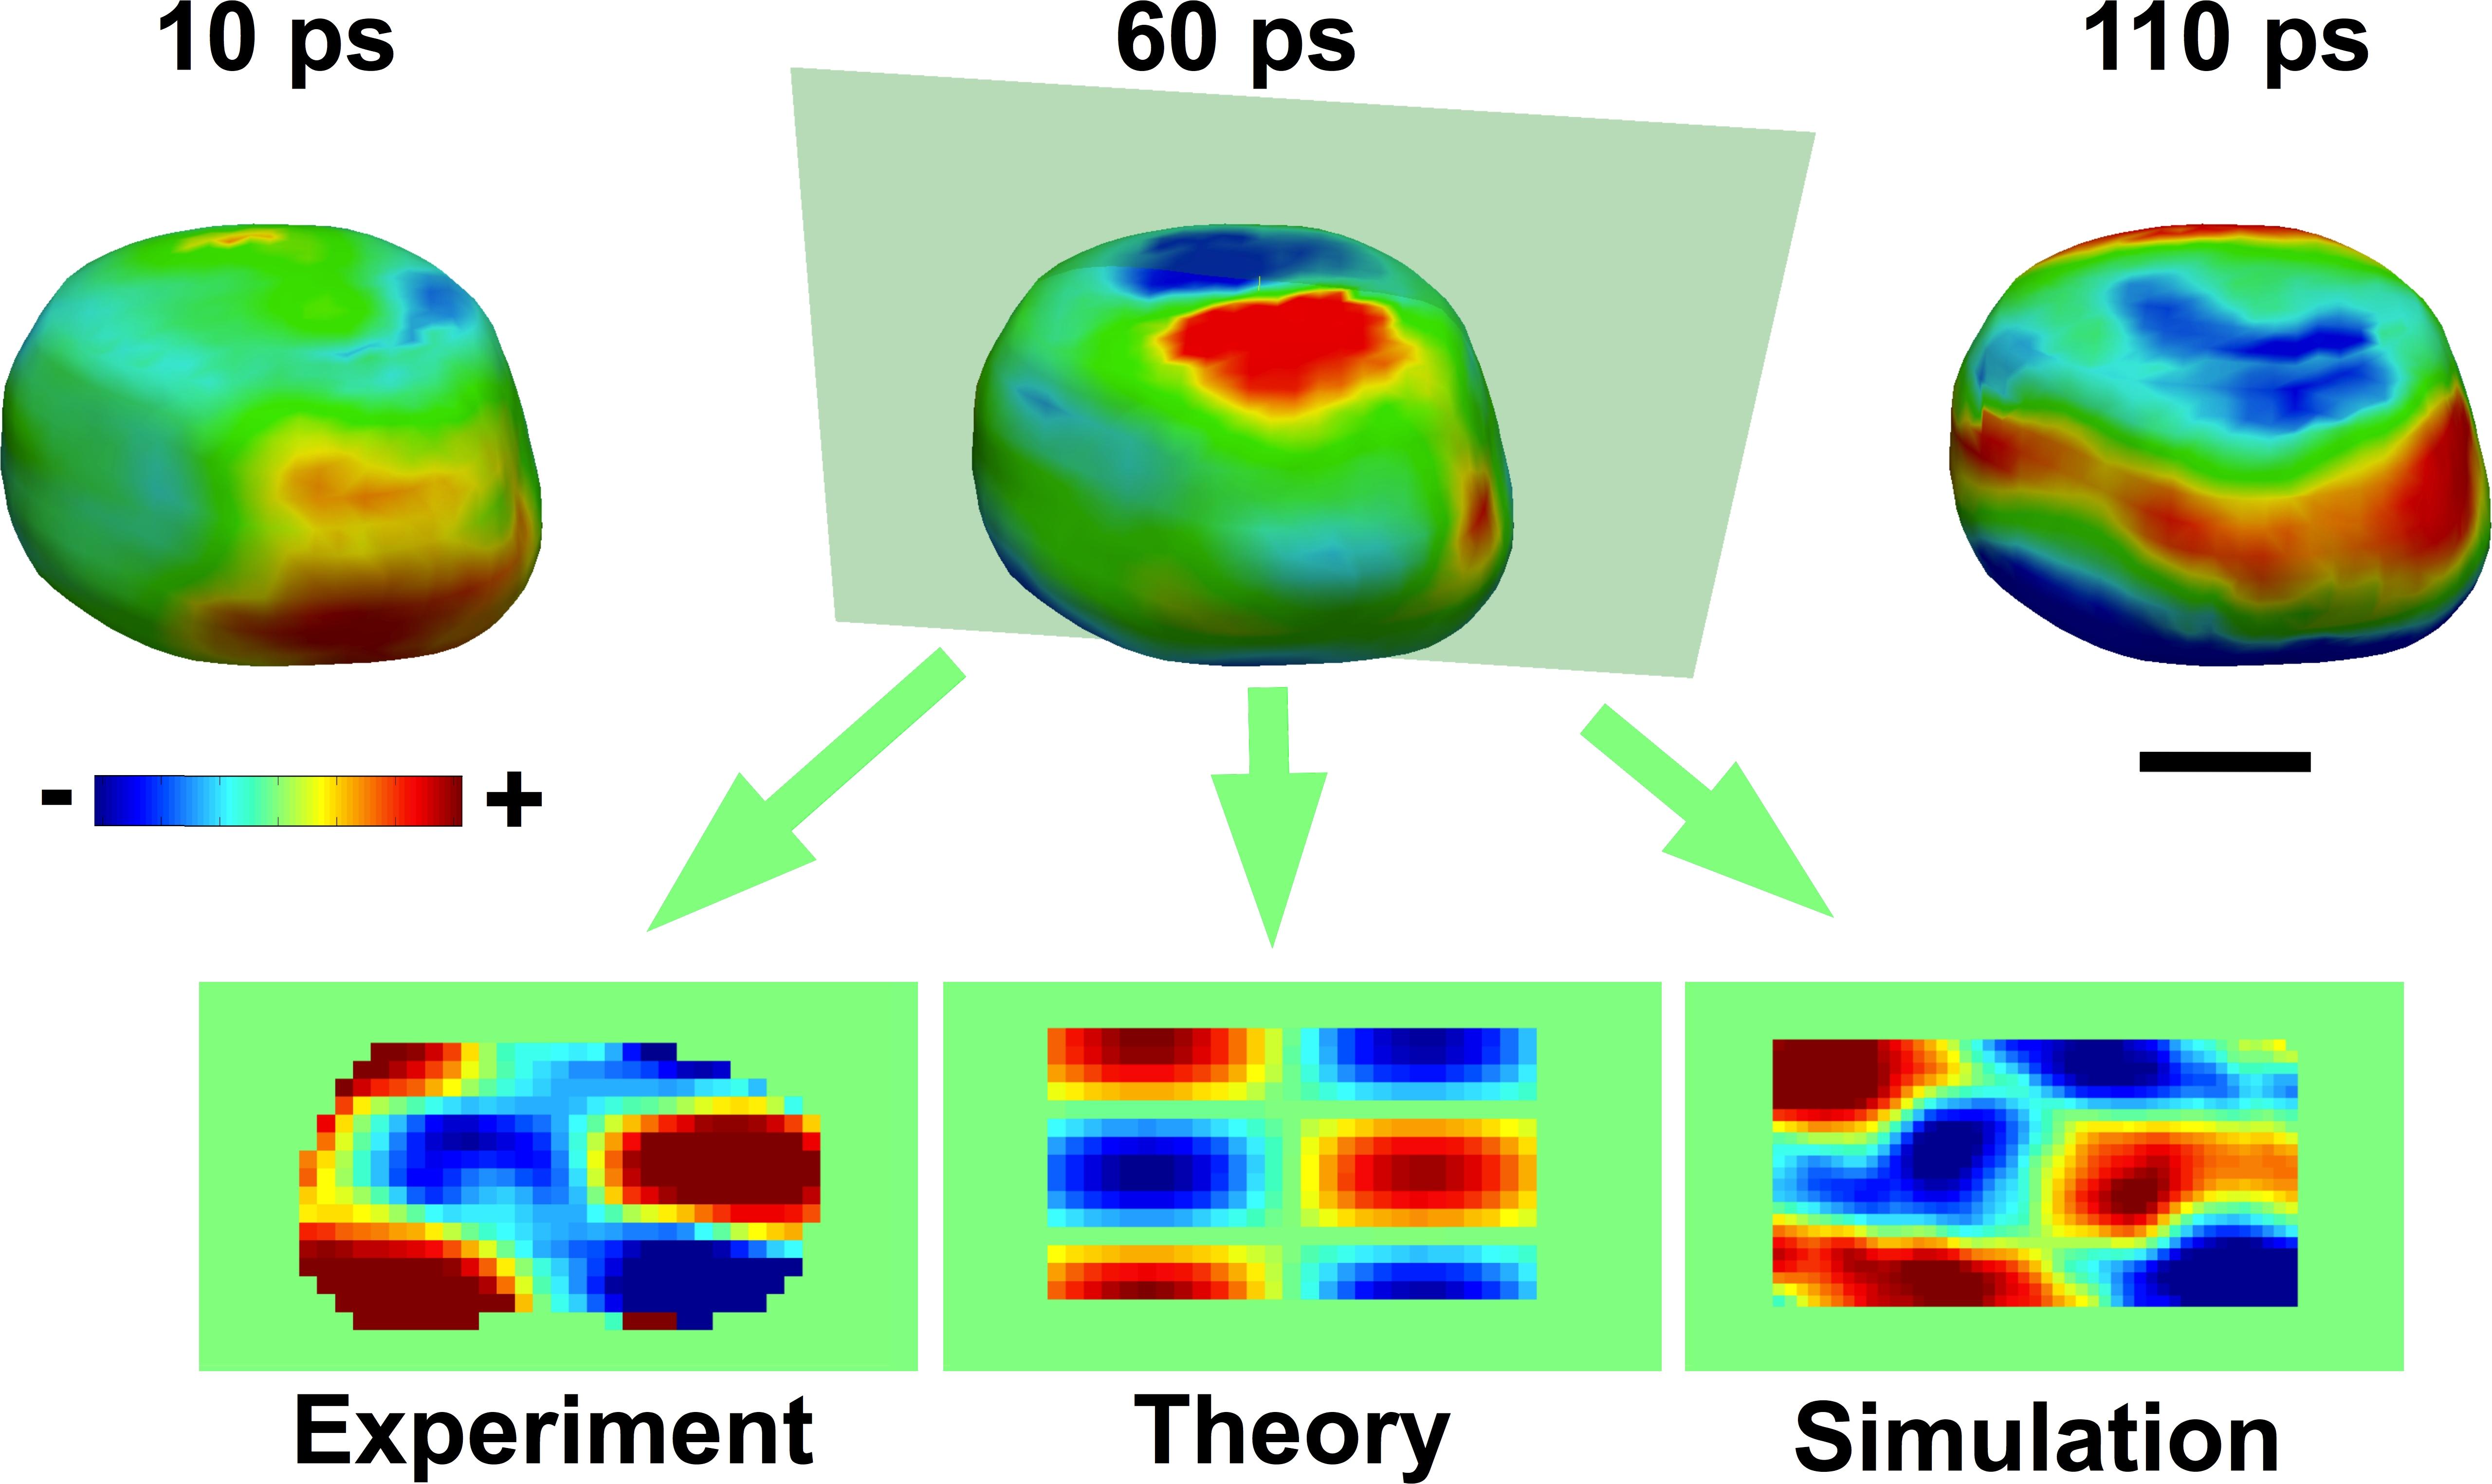 Gold nanocrystal vibration captured on billion-frames-per-second ...